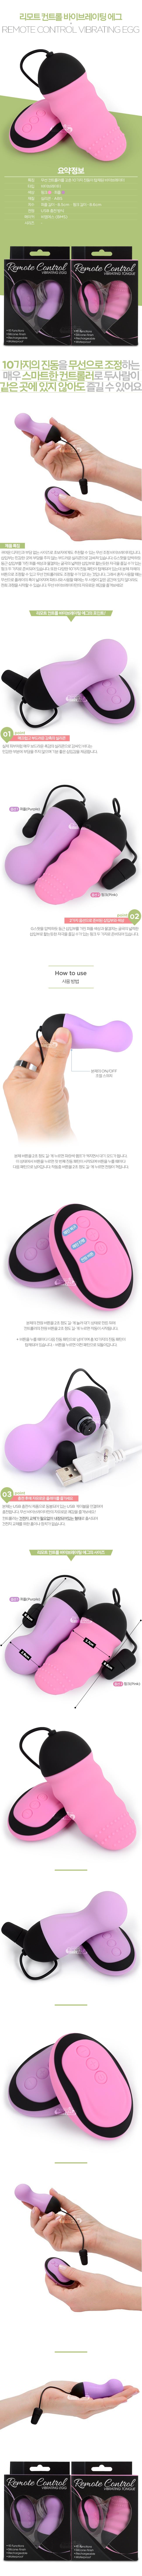 [캐나다 직수입] 리모트 컨트롤 바이브레이팅 에그(Remote Control Vibrating Egg)(677613574152) (BMS)